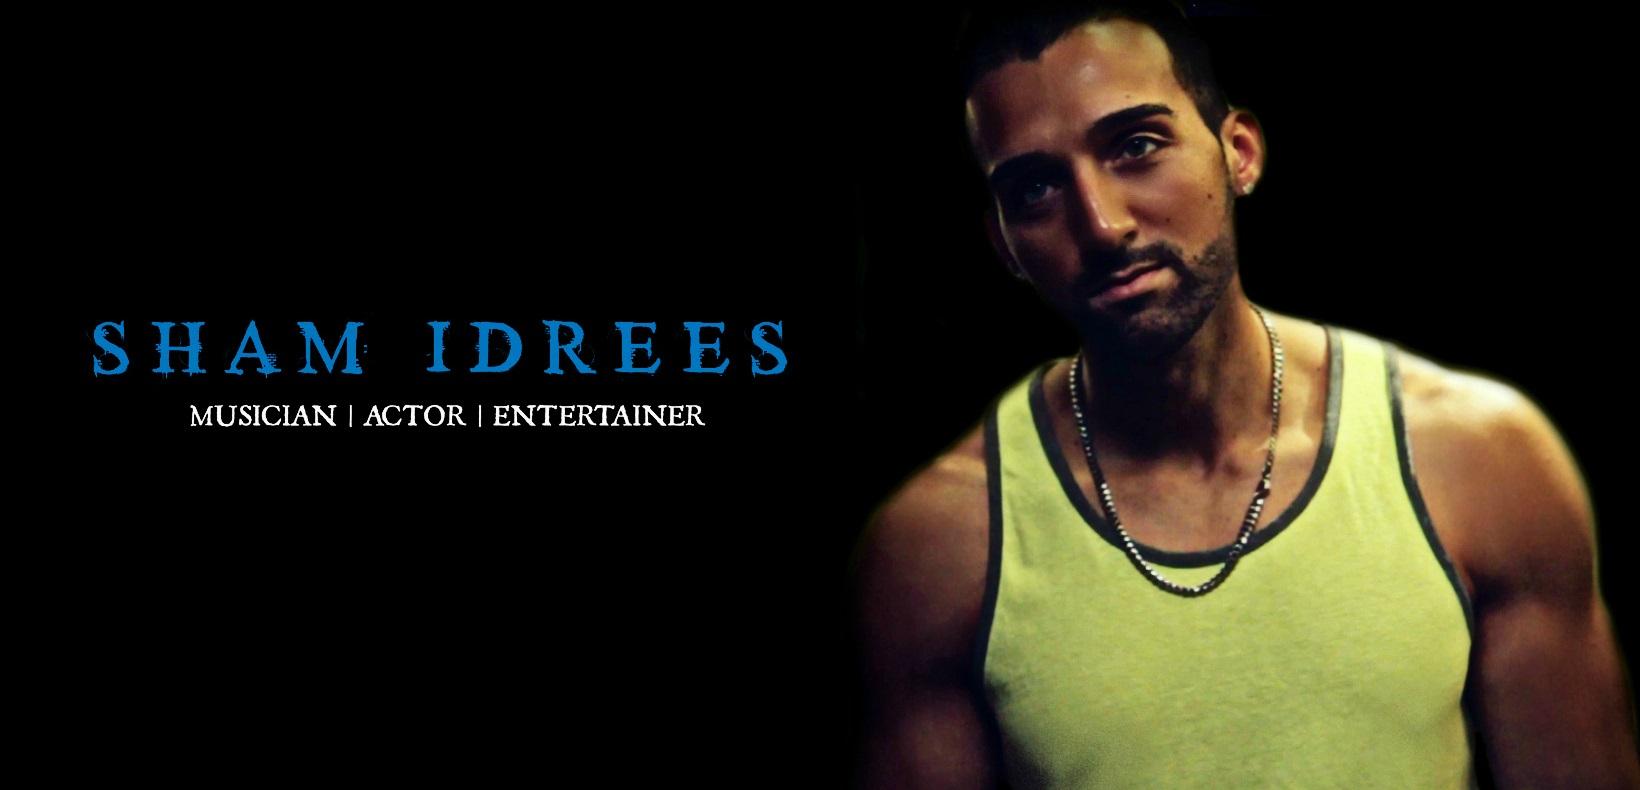 sham idress cover image